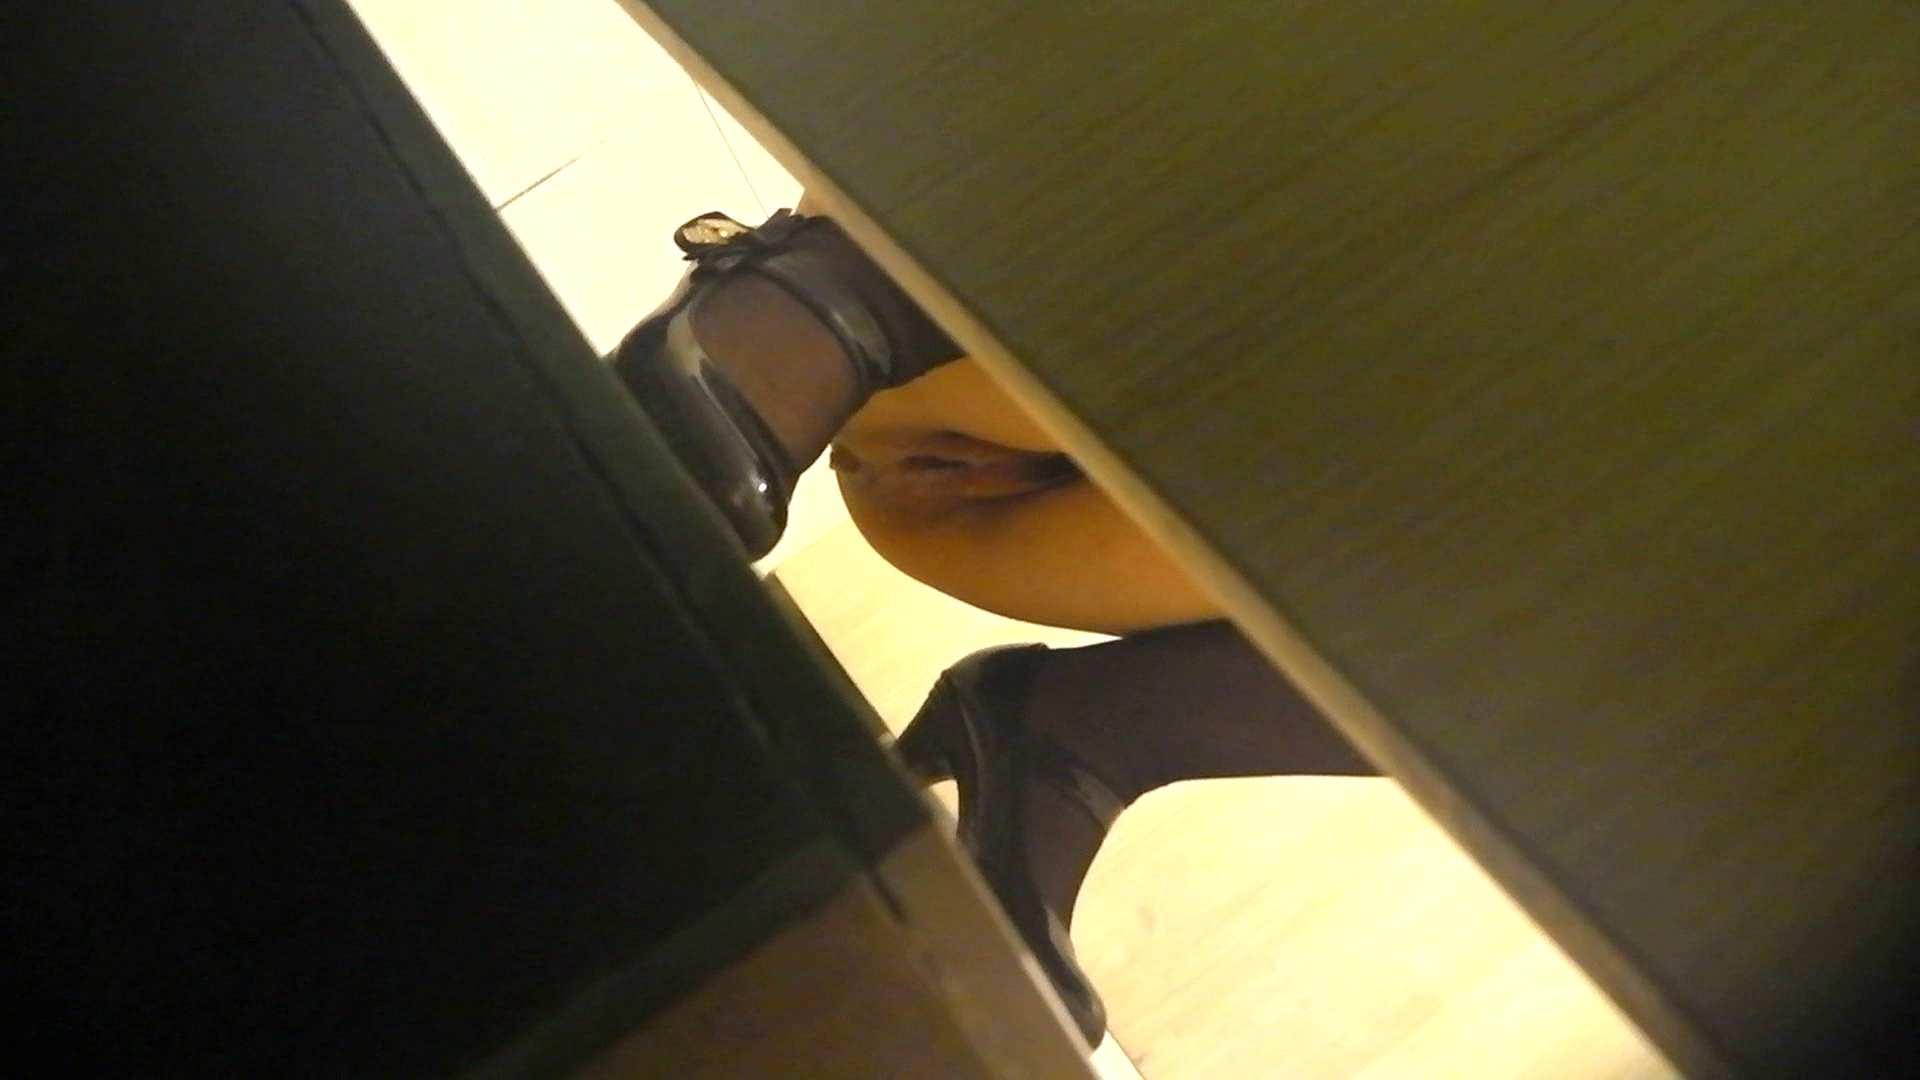 阿国ちゃんの「和式洋式七変化」No.13 和式・女子用 | 洗面所シーン 盗撮 46画像 37